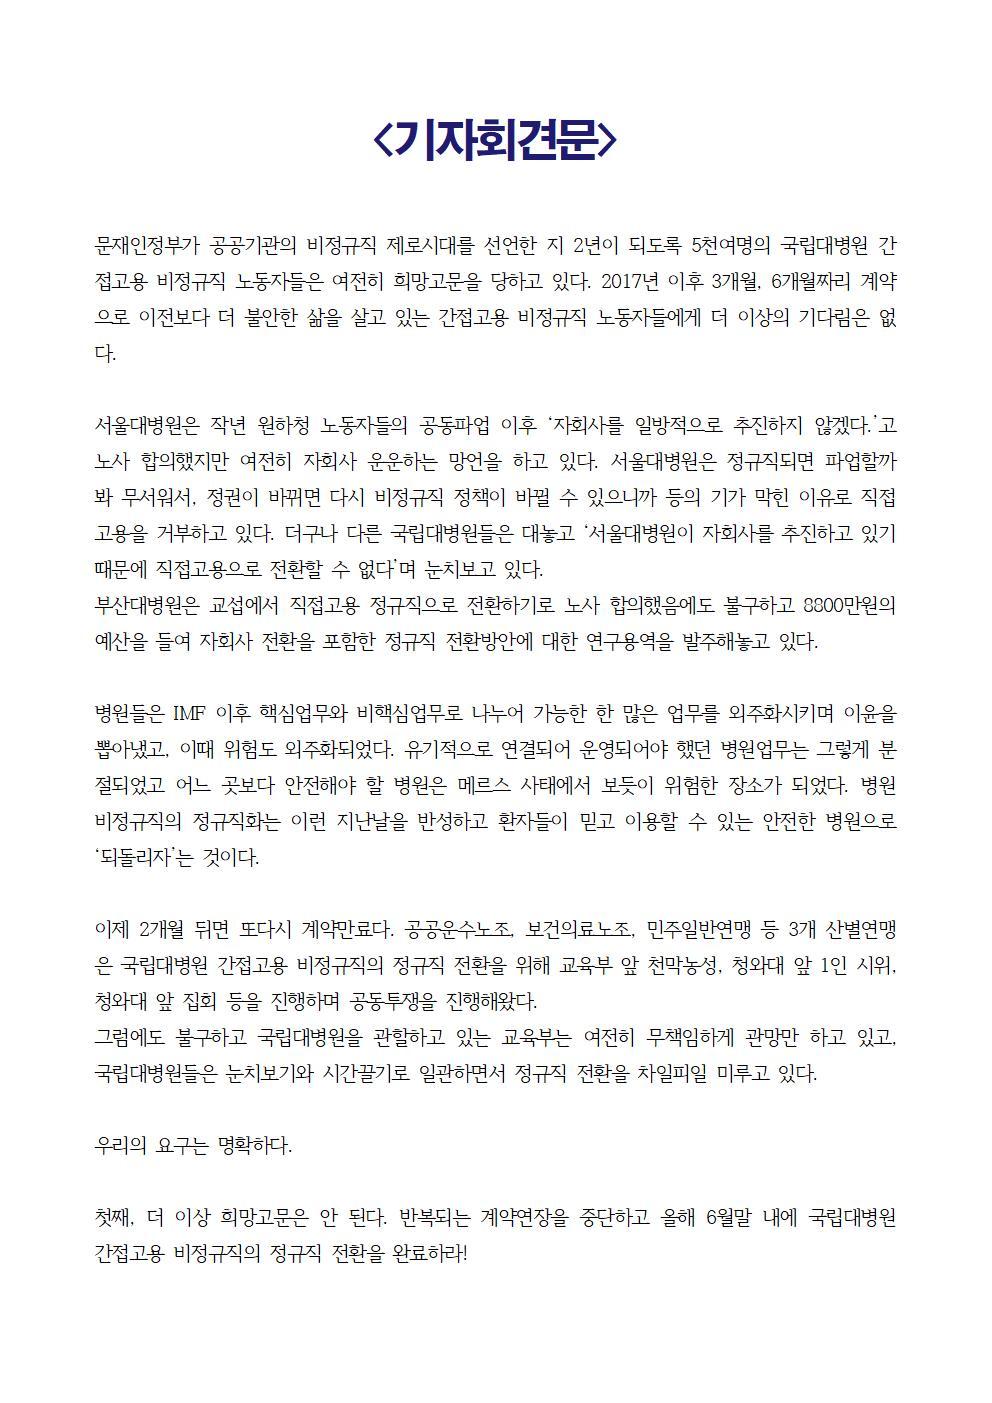 190430_공동파업투쟁 선포_기자회견 자료1.jpg